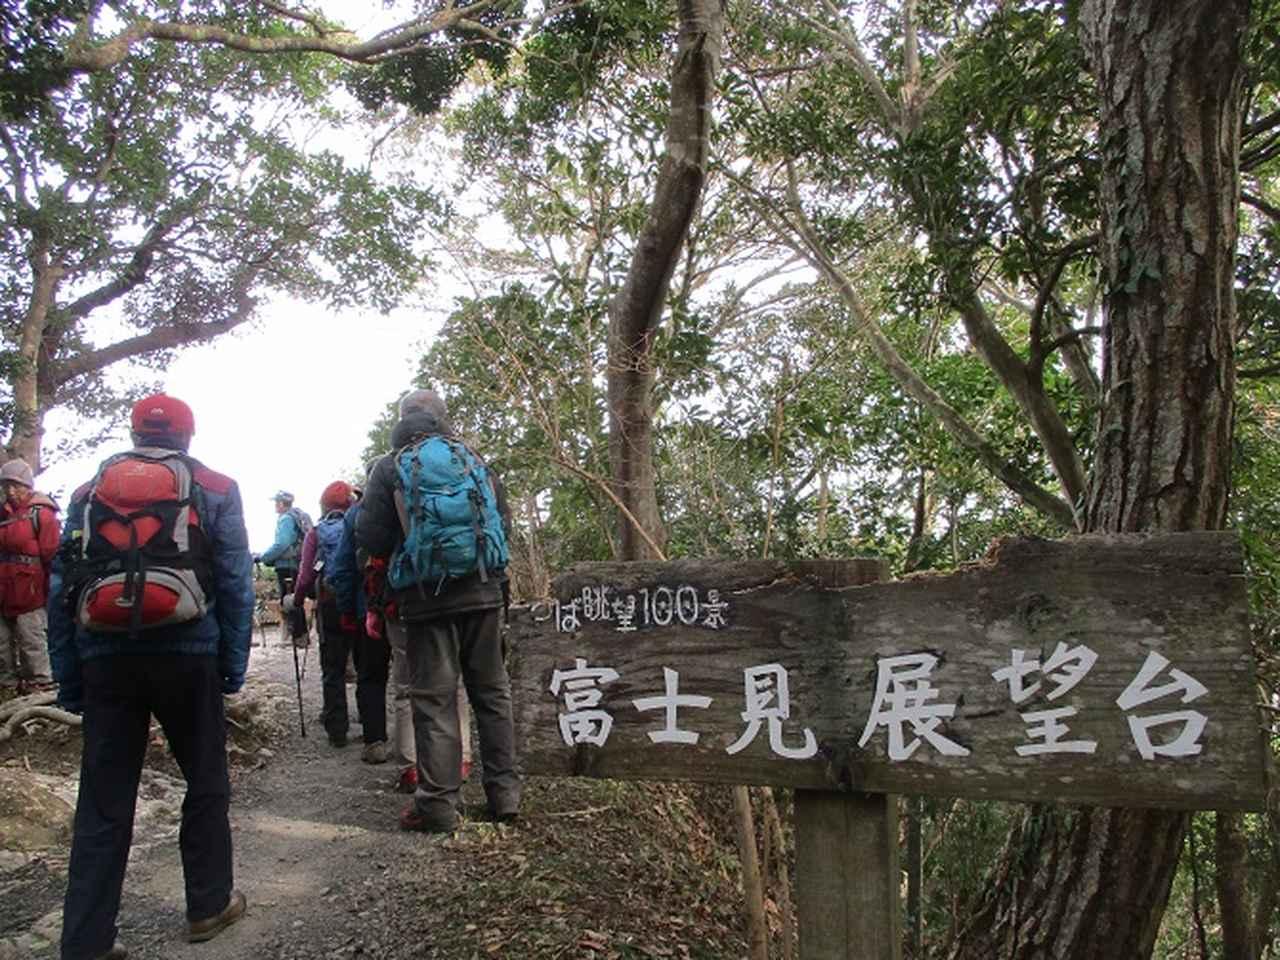 画像2: 新年山行で穂苅先生&岡田ガイドと千葉の 天神山と沖ノ島 へ♪